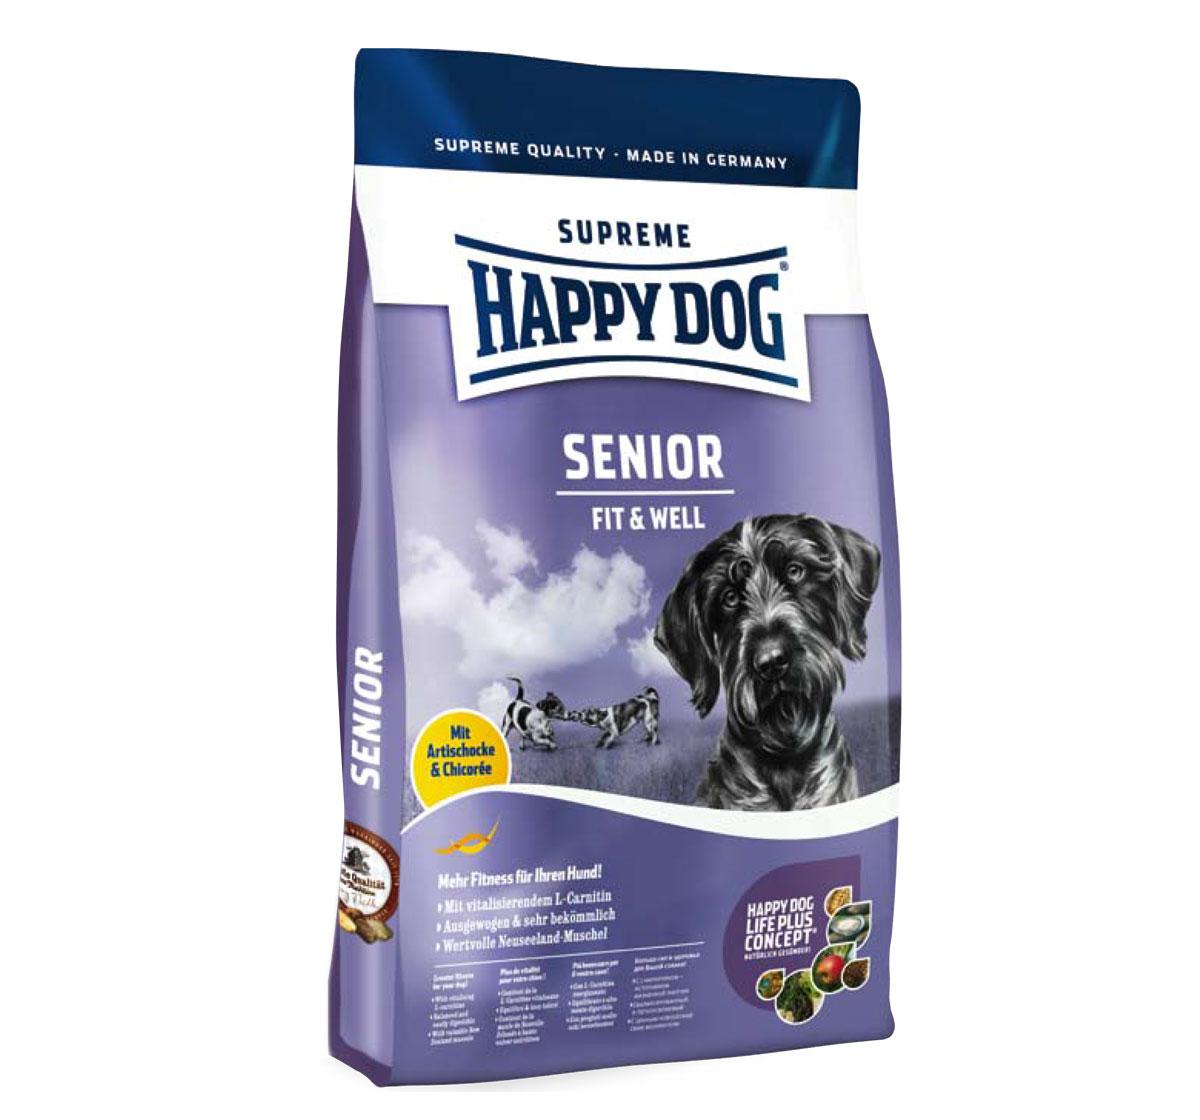 happy dog senior dog food 1 kg dogspot online pet supply store. Black Bedroom Furniture Sets. Home Design Ideas